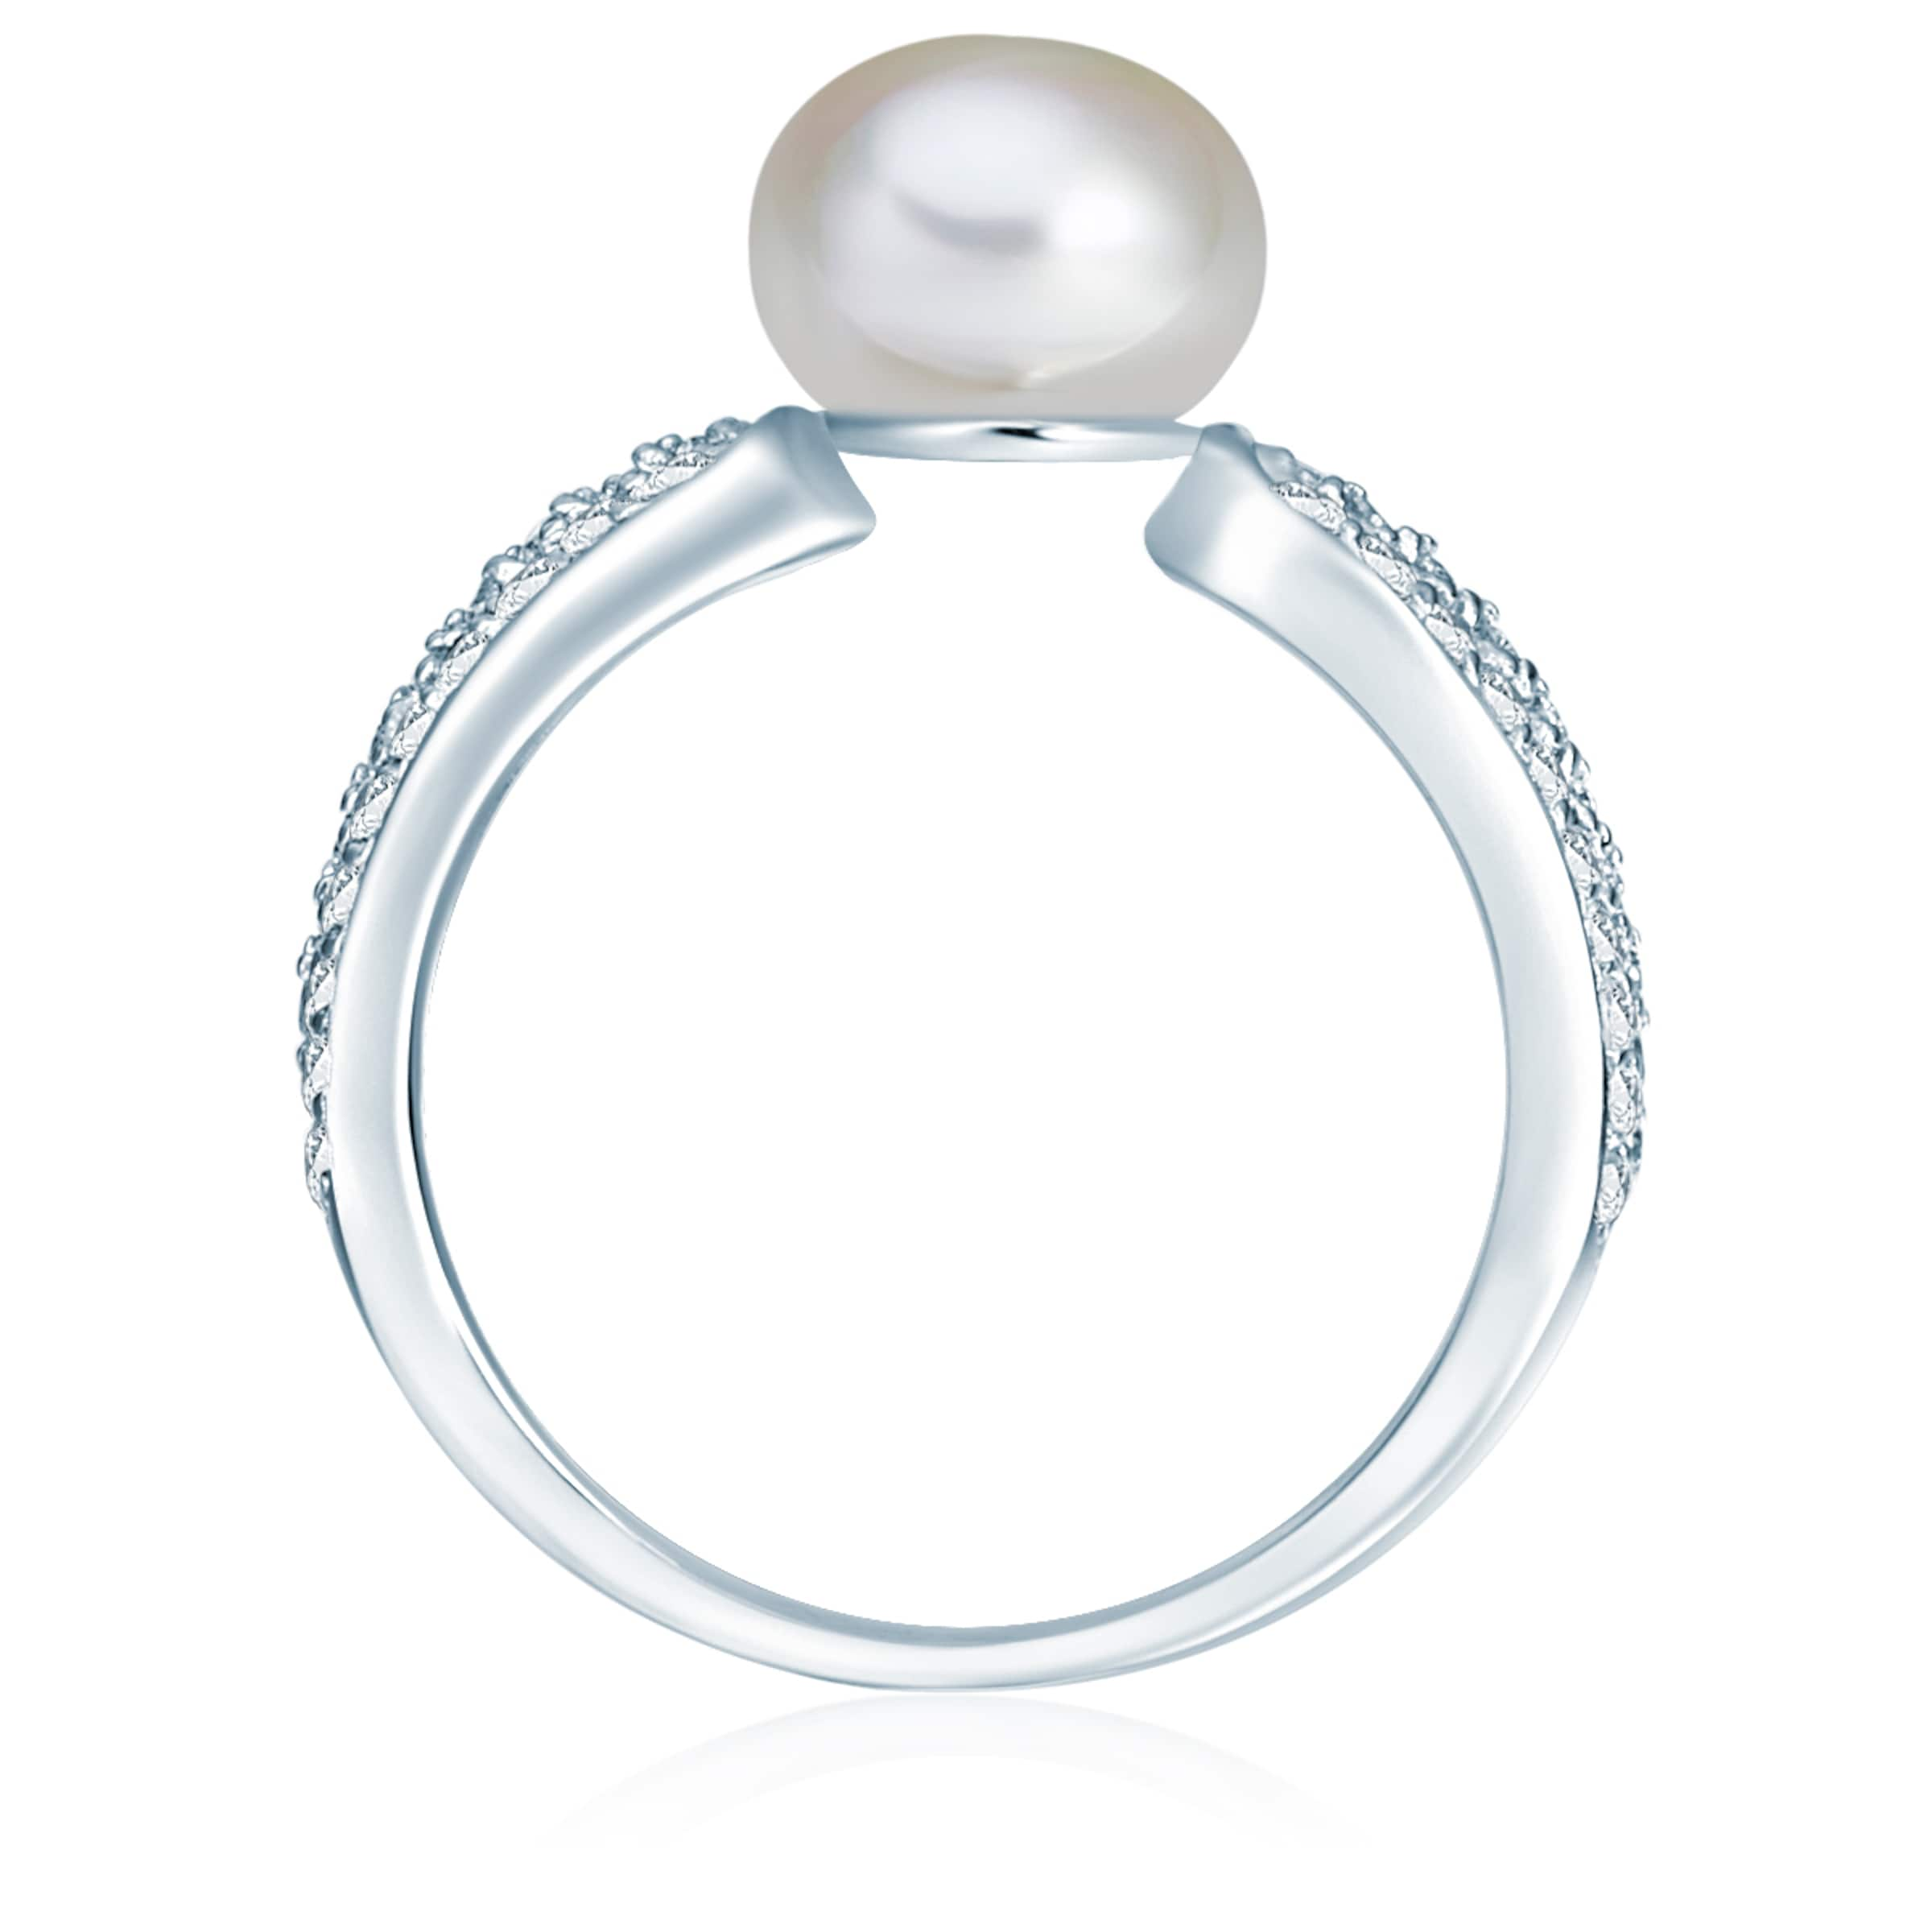 Valero Valero Steinbesatz und mit Pearls Perlen Ring Pearls qPvxvH5g